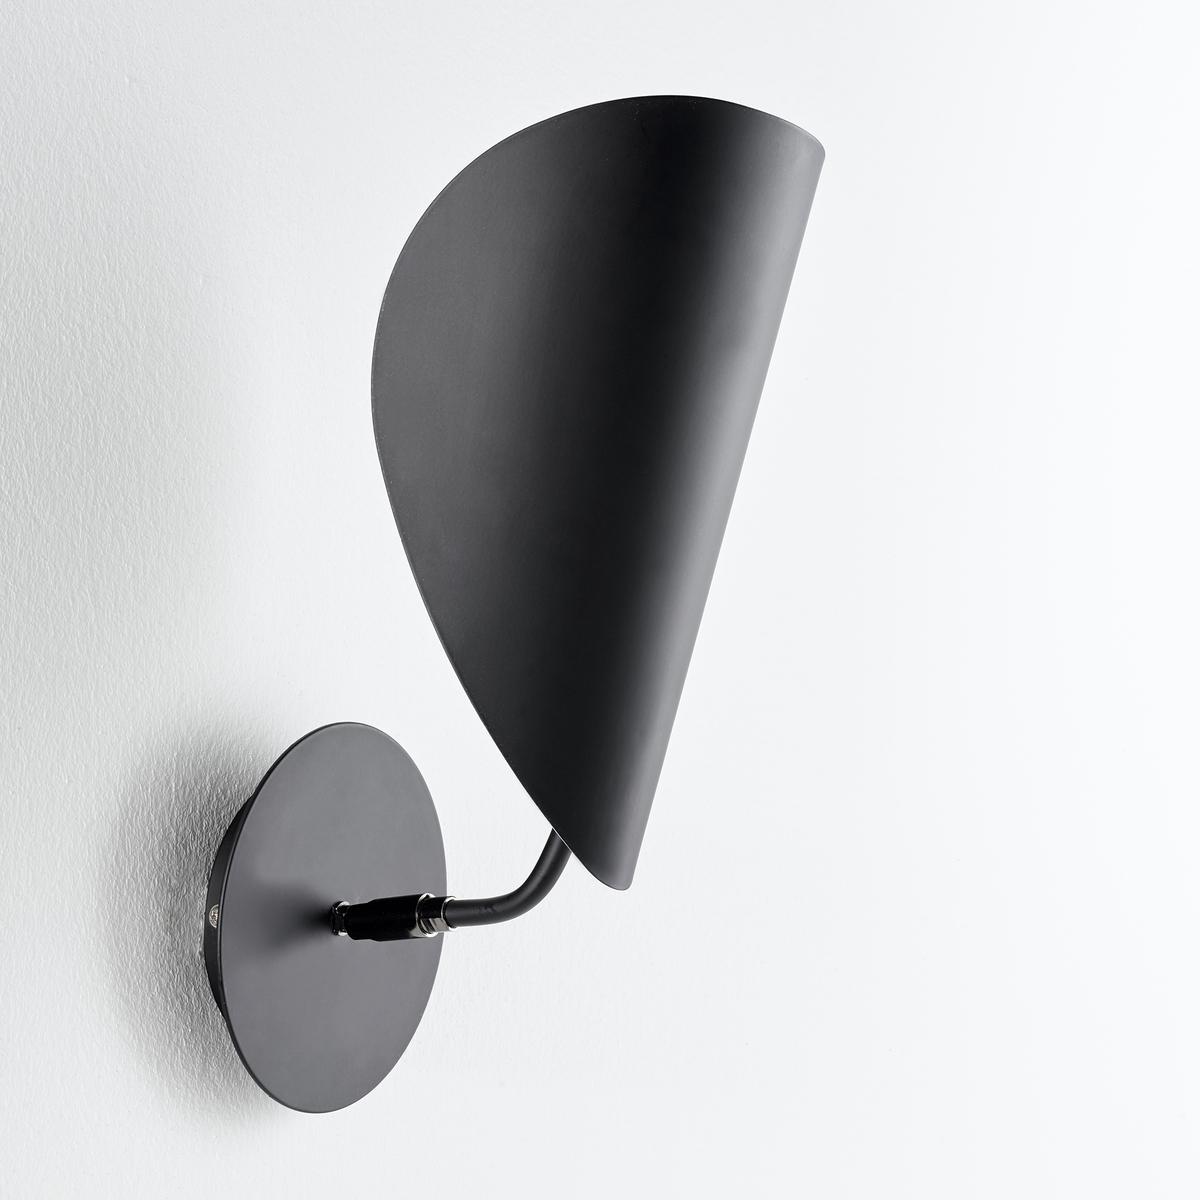 Бра FunambuleБра Funambule. Тонкая и воздушная форма, вдохновленная движущимися объектами и природой, поворачивающийся абажур в форме листа. Бра отлично подходит для любой комнаты.Характеристики :Из металла с матовым эпоксидным покрытием- Патрон E14 для компактной флуоресцентной лампы макс. 8 Вт (продается отдельно)- Совместим с лампами класса энергопотребления A Размеры :- Ш.30 x В.30 x Г.17 см.<br><br>Цвет: серо-бежевый,черный